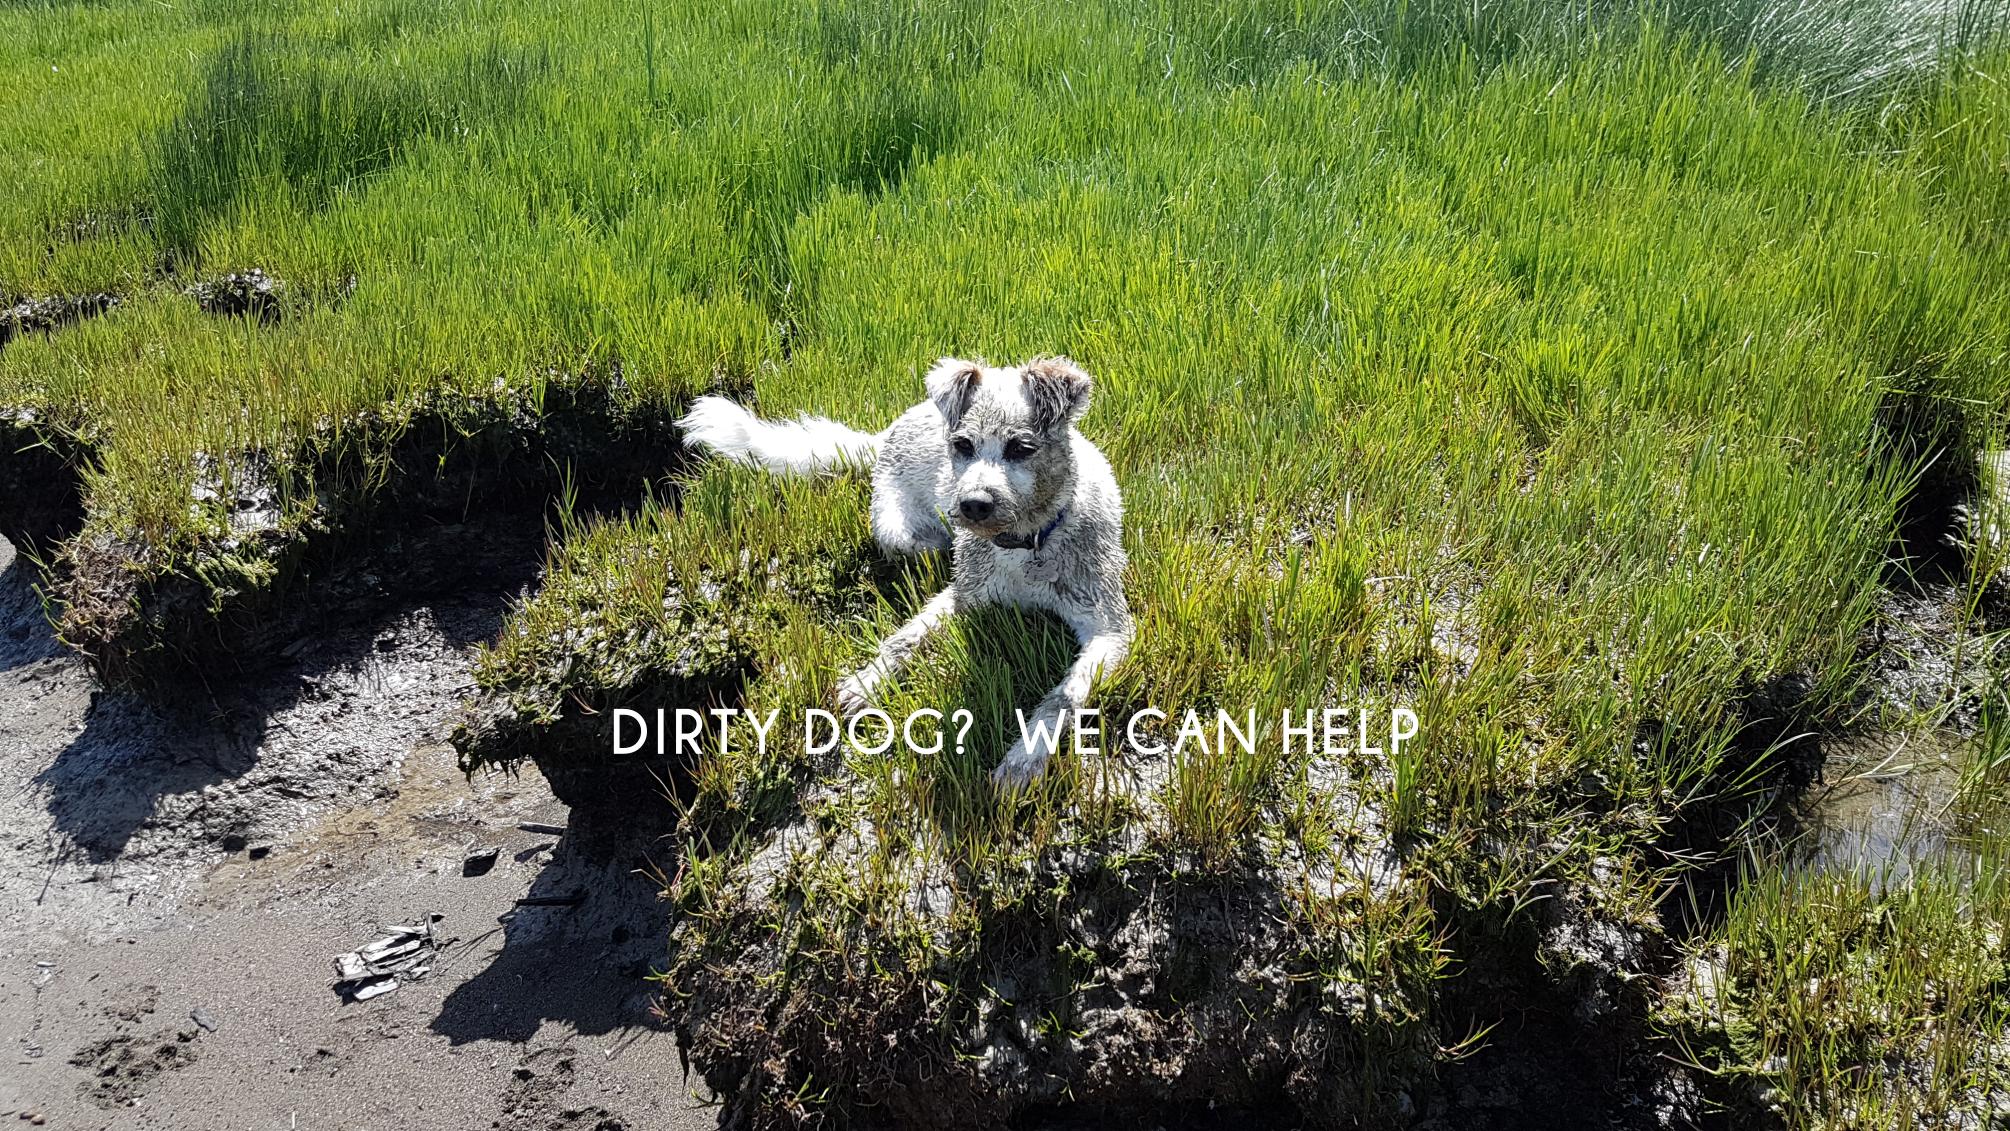 dirtydog.png